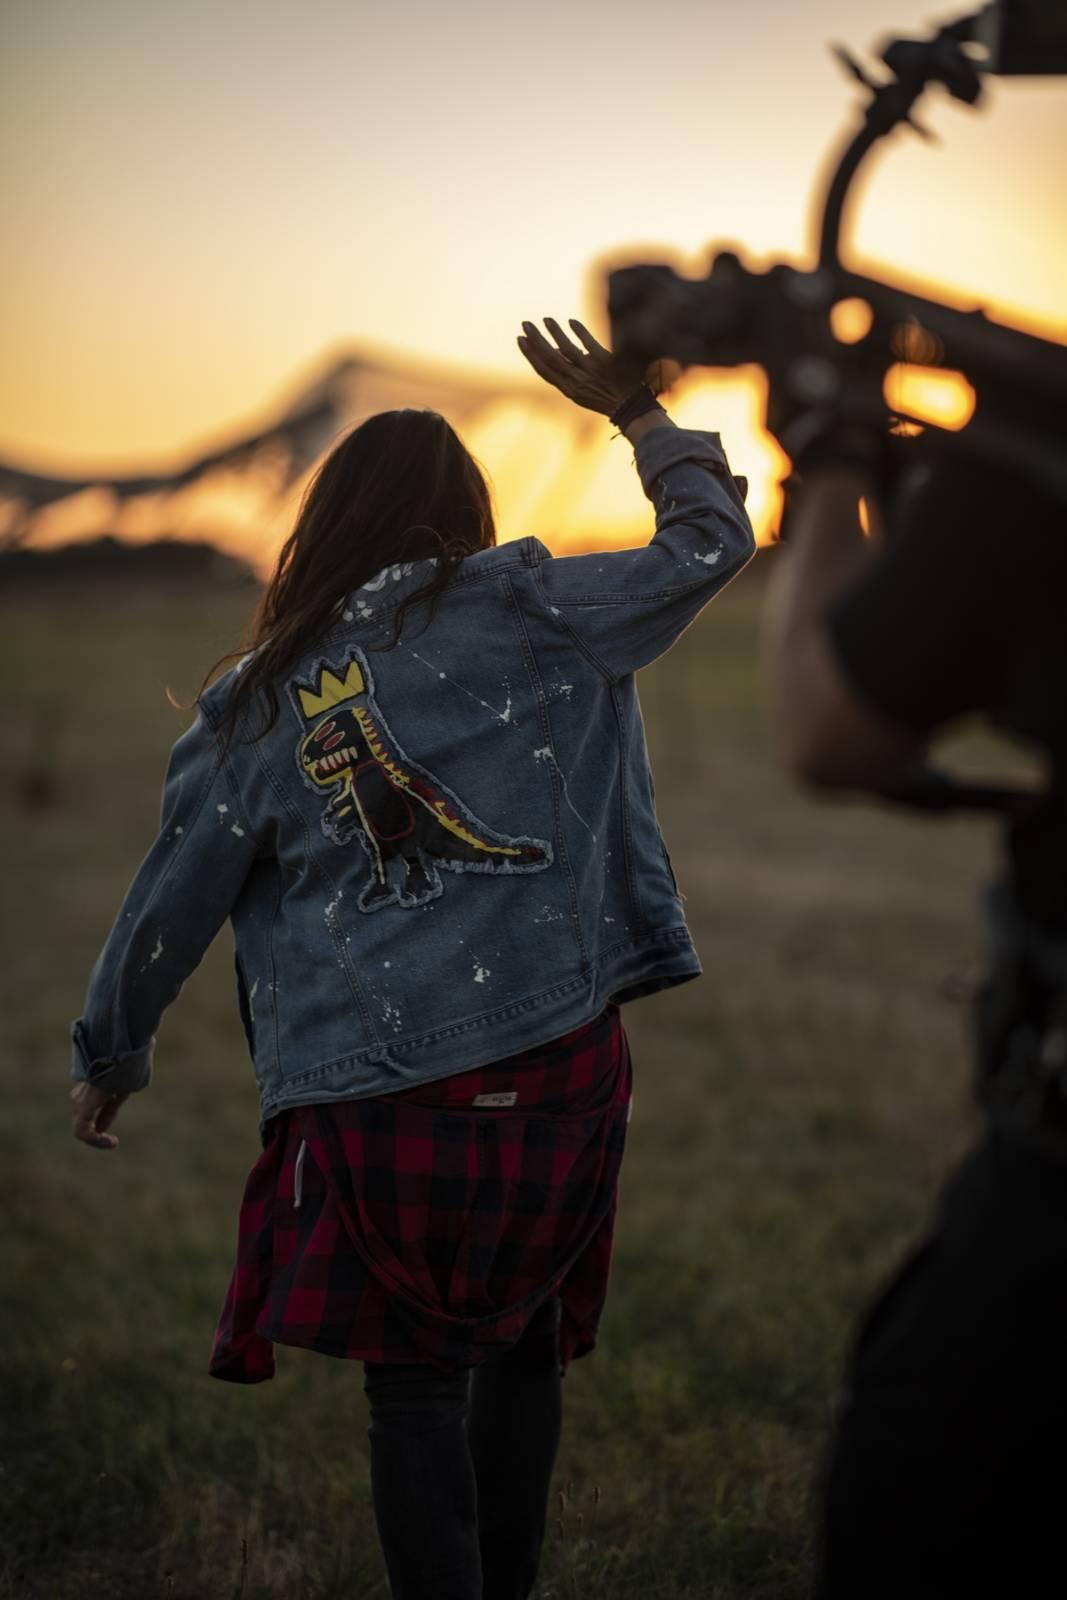 Anna K. představuje videoklip k písni Na malou chvíli. Zahrál si v něm zpěvaččin partner i milovaná zvířata